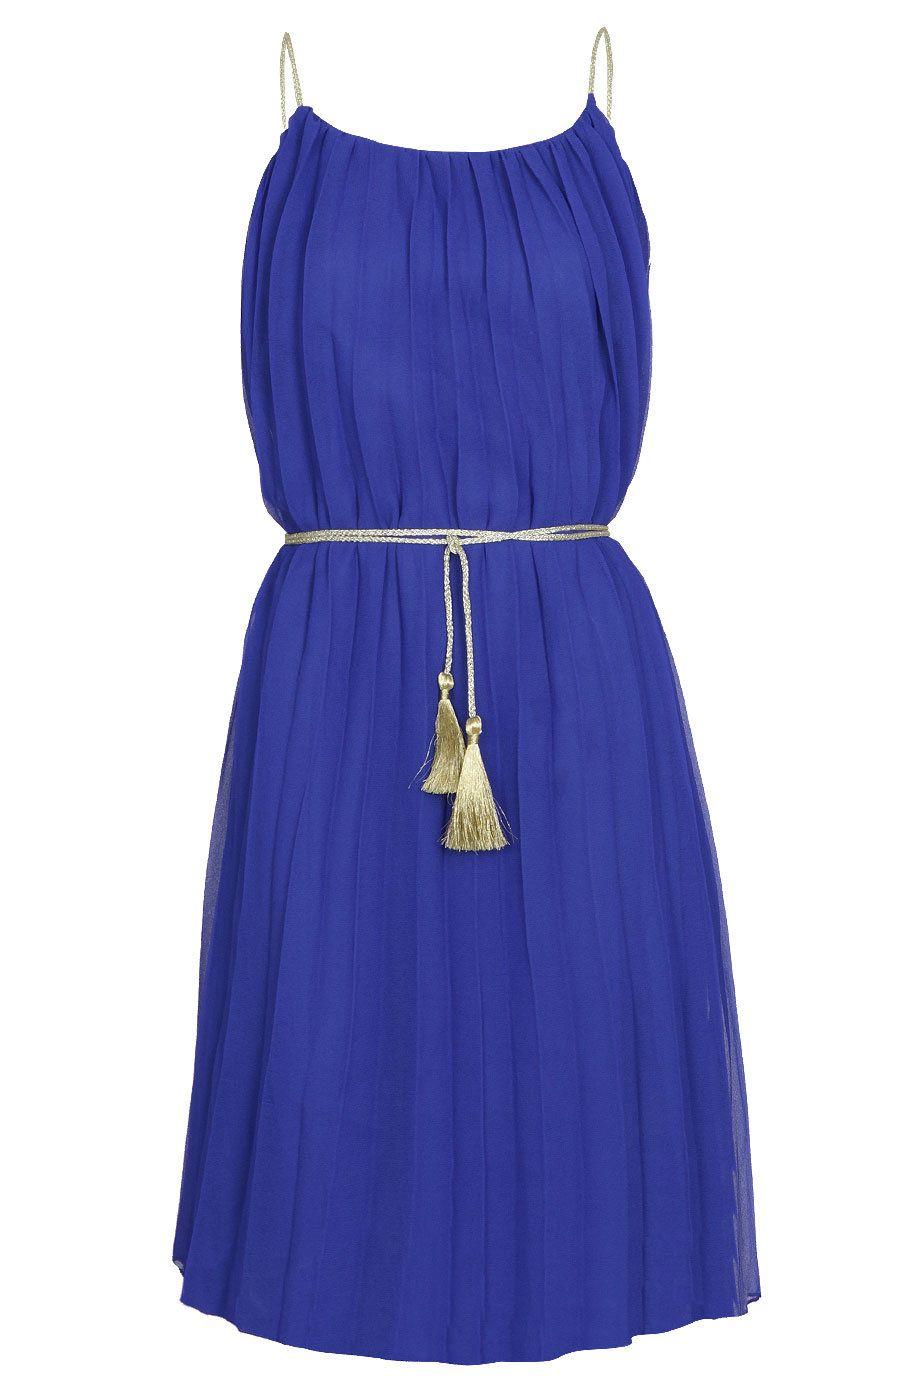 Vestido azul plisado COMPAÑIAFANTASTICA | vestidos | Pinterest ...